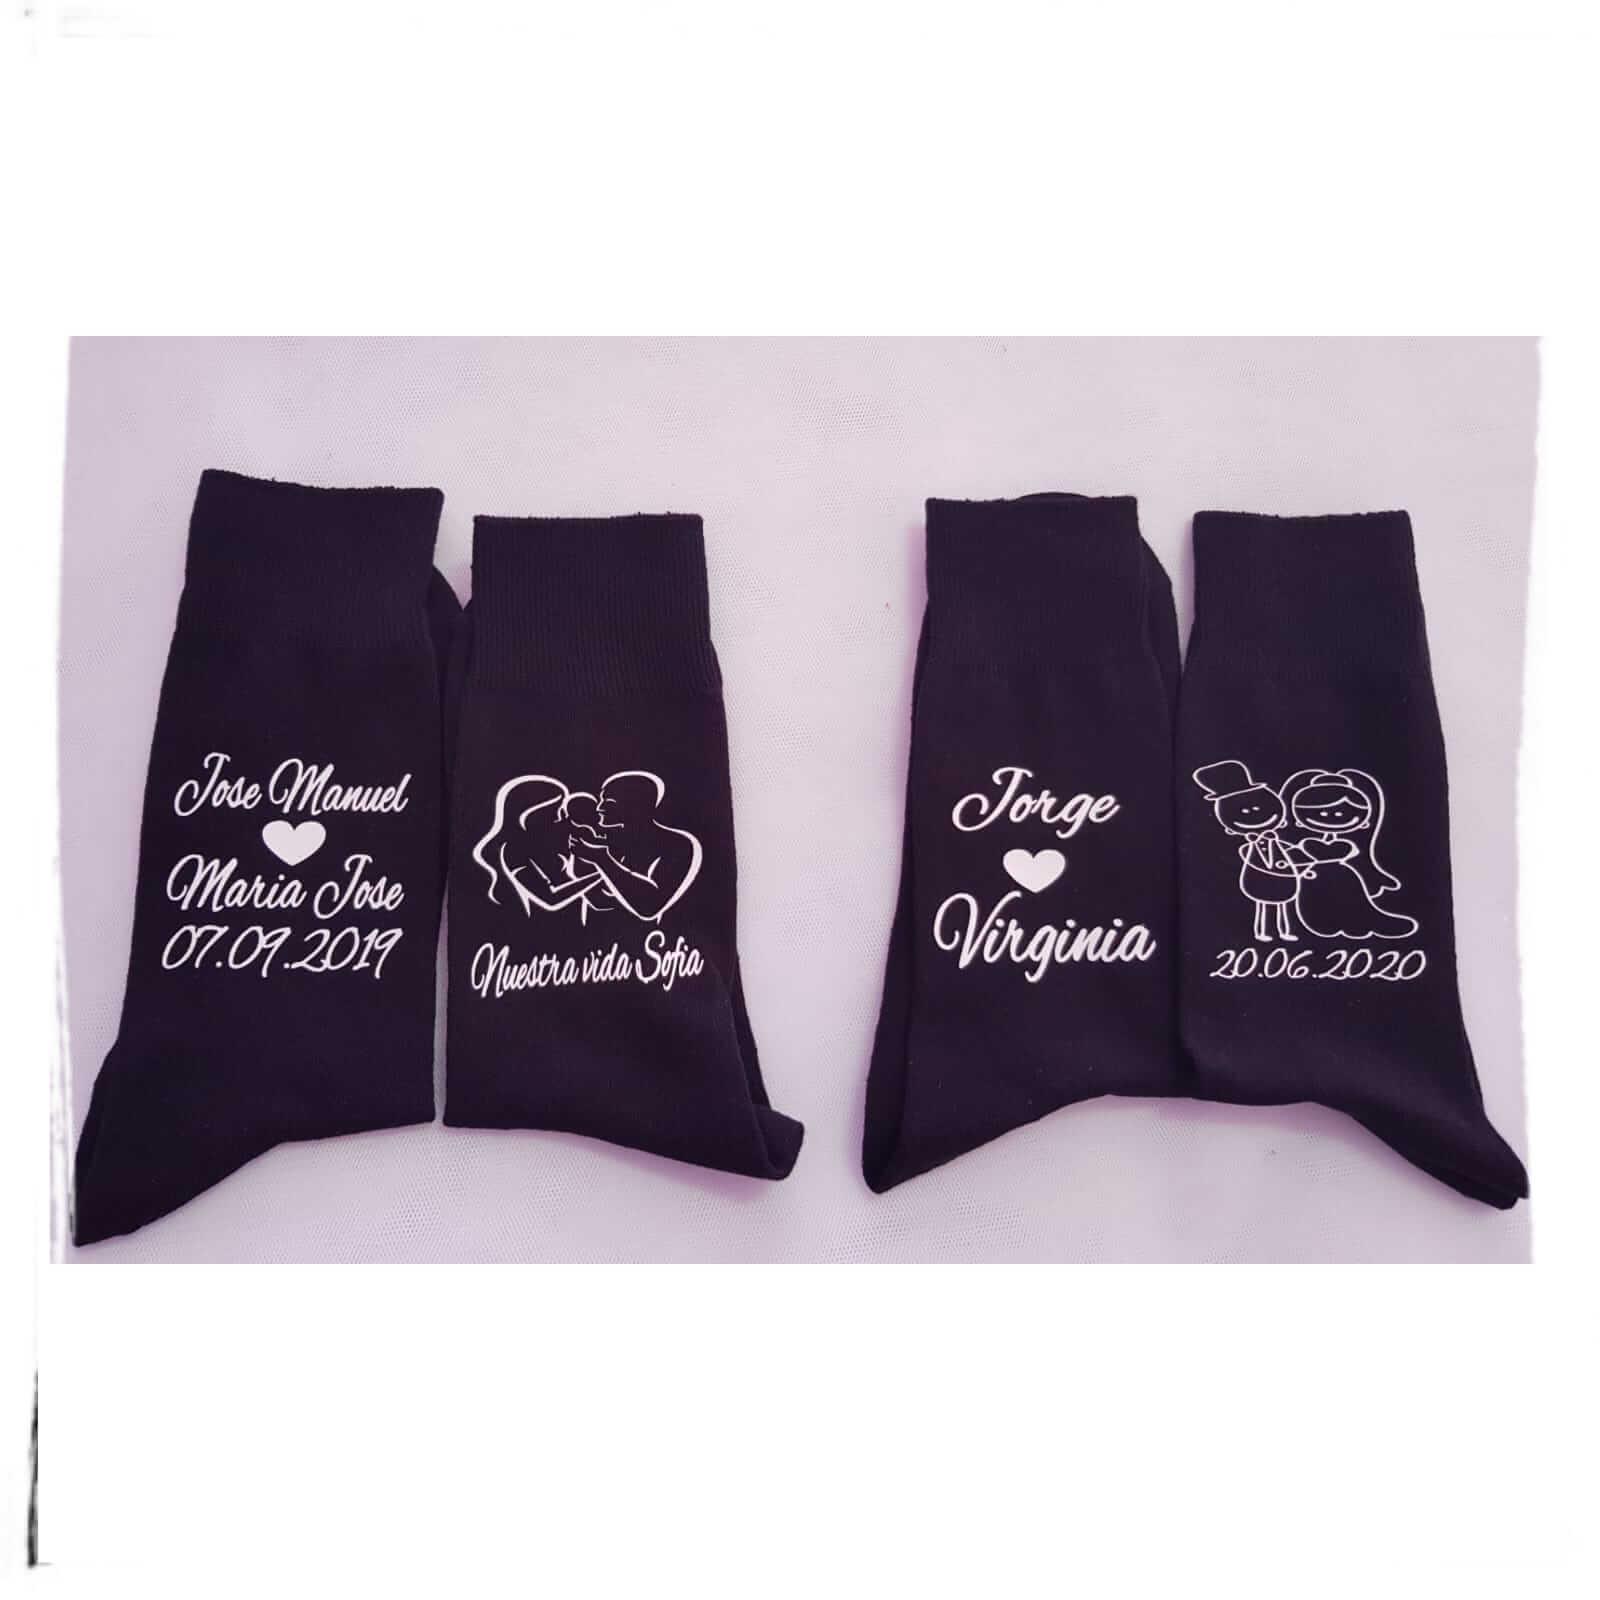 calcetines originales regalos personalizados porlanovia calcetines originales - calcetines originales regalos personalizados porlanovia 2 1 - calcetines originales regalos personalizados porlanovia